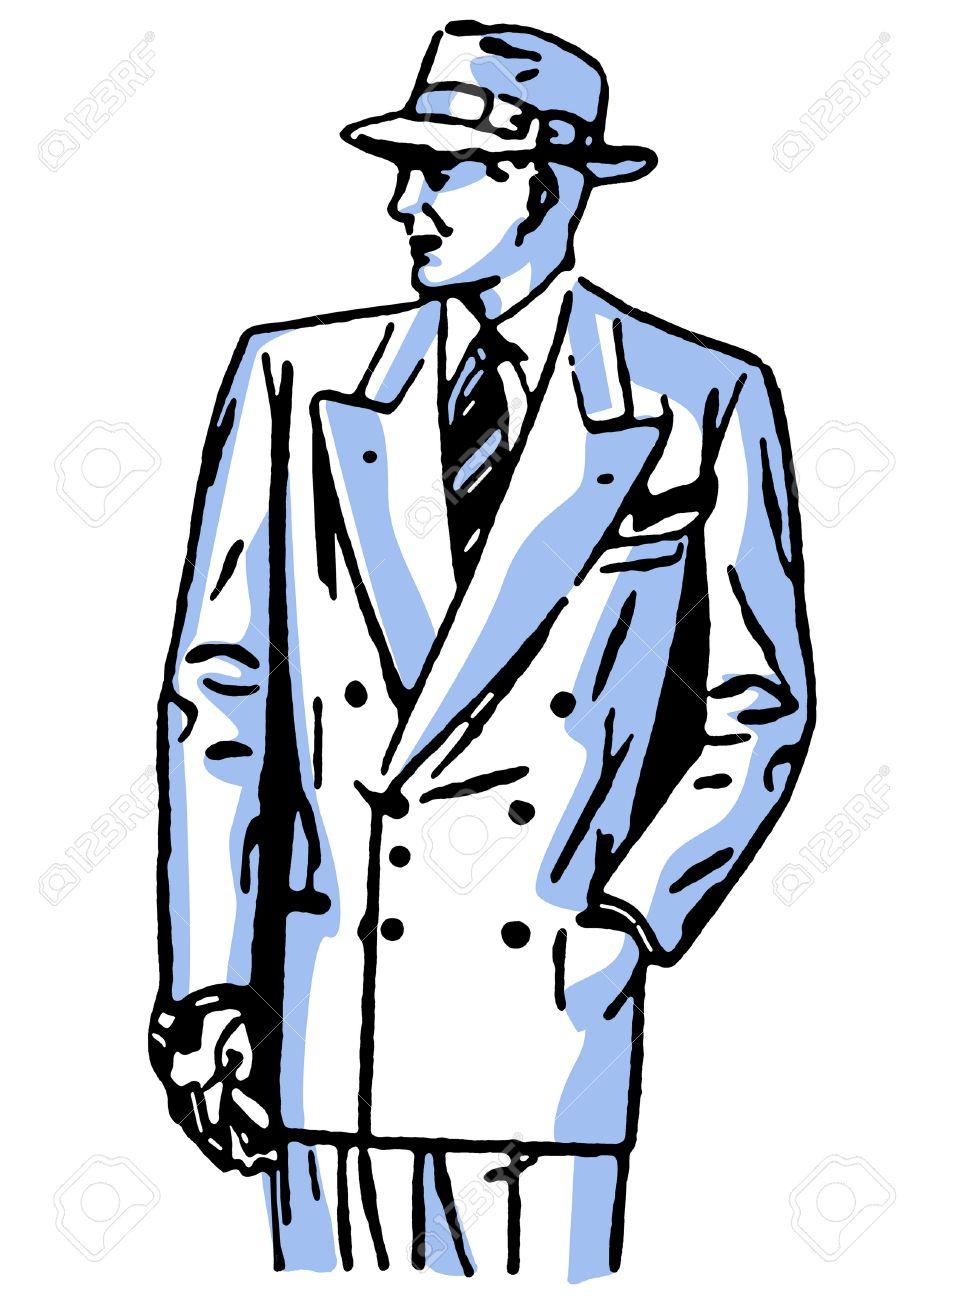 975x1300 Suit Clipart Detective